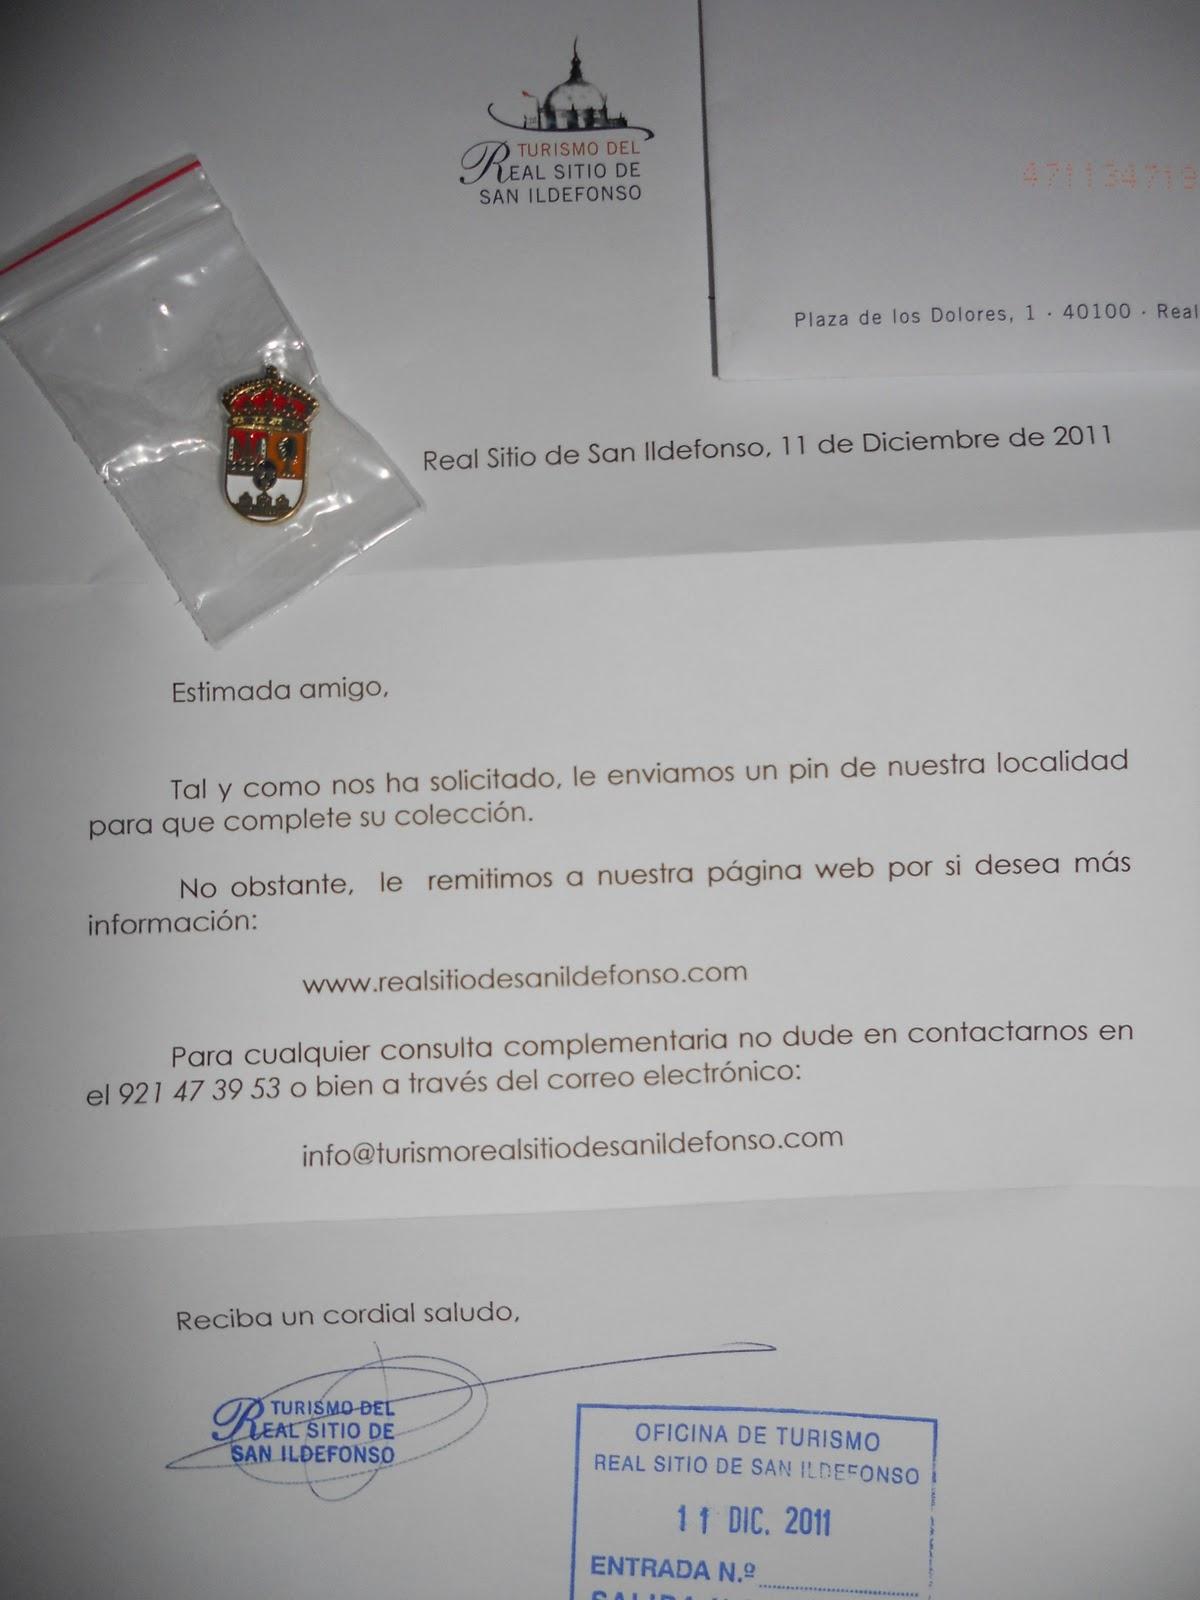 Pinspalomo pueblos de segovia castilla y leon for Oficina de turismo de castilla y leon